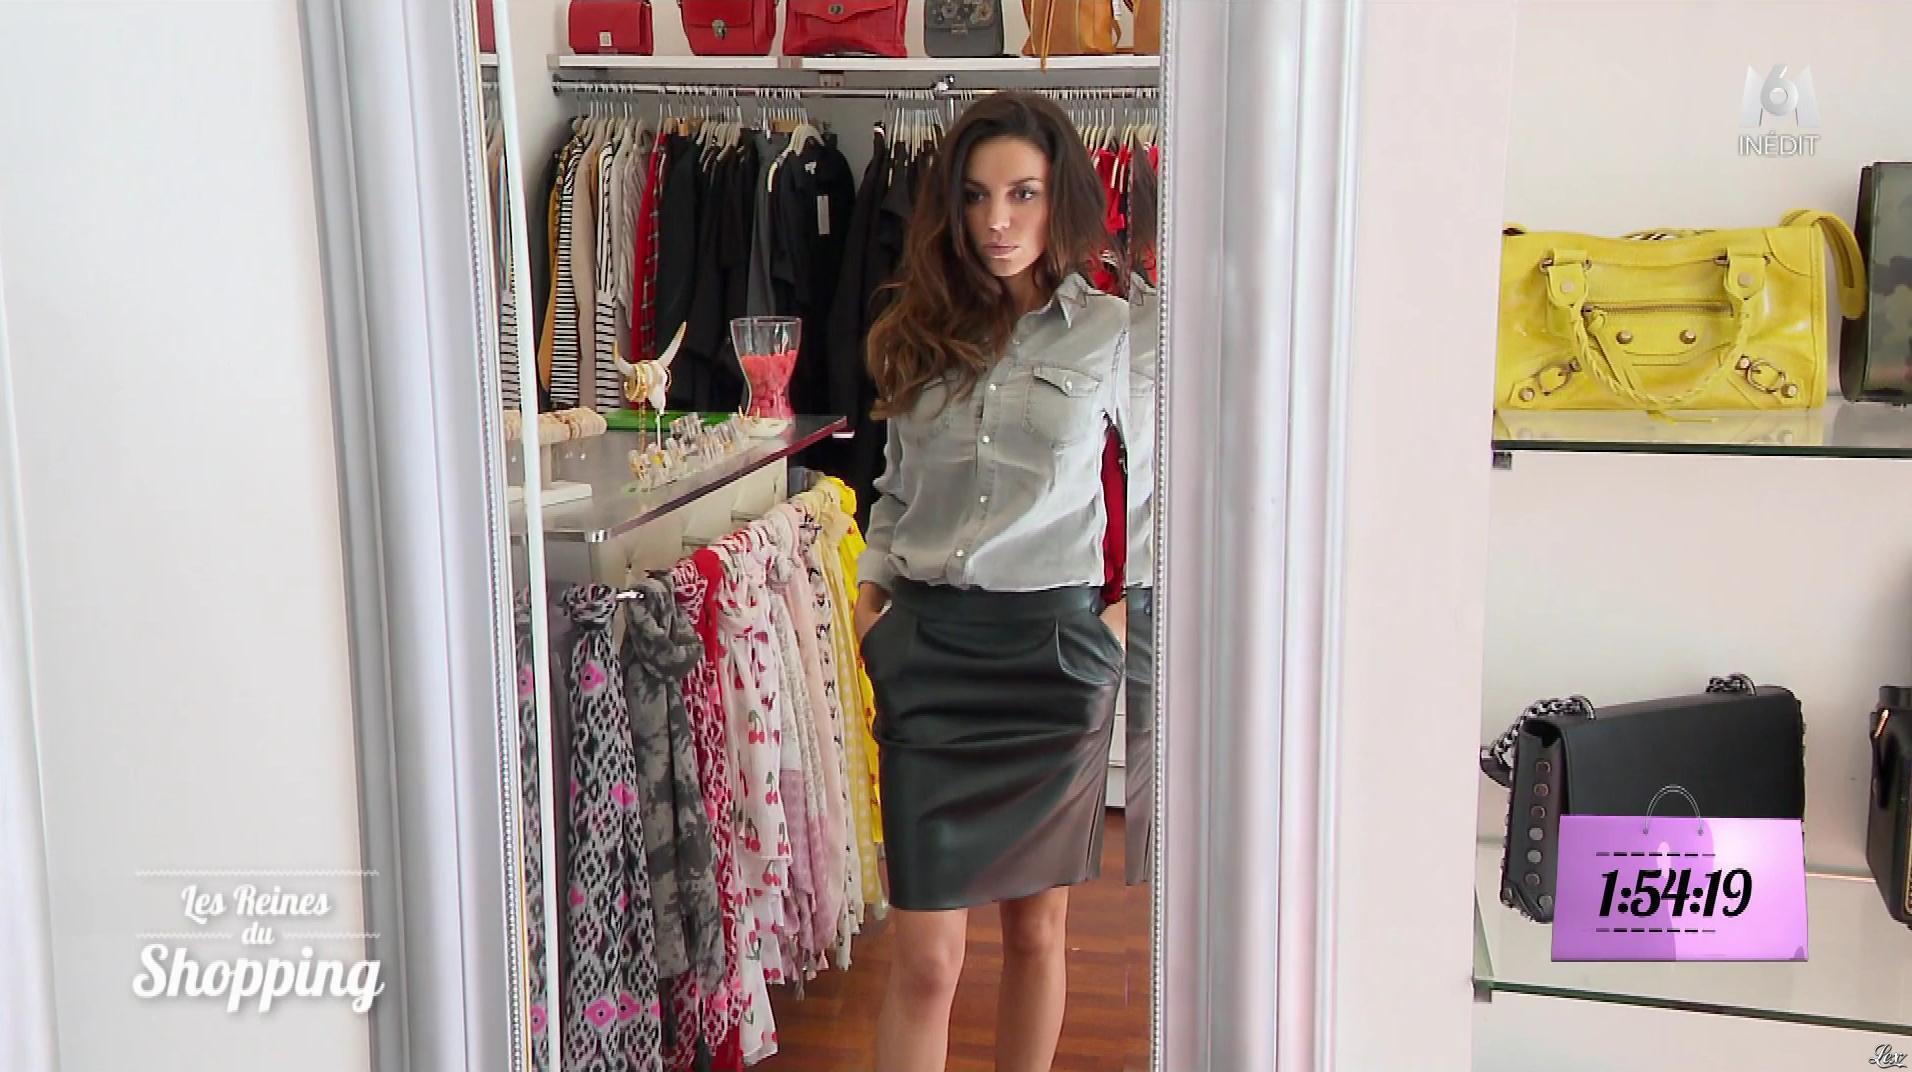 Une Candidate dans les Reines du Shopping. Diffusé à la télévision le 14/02/19.